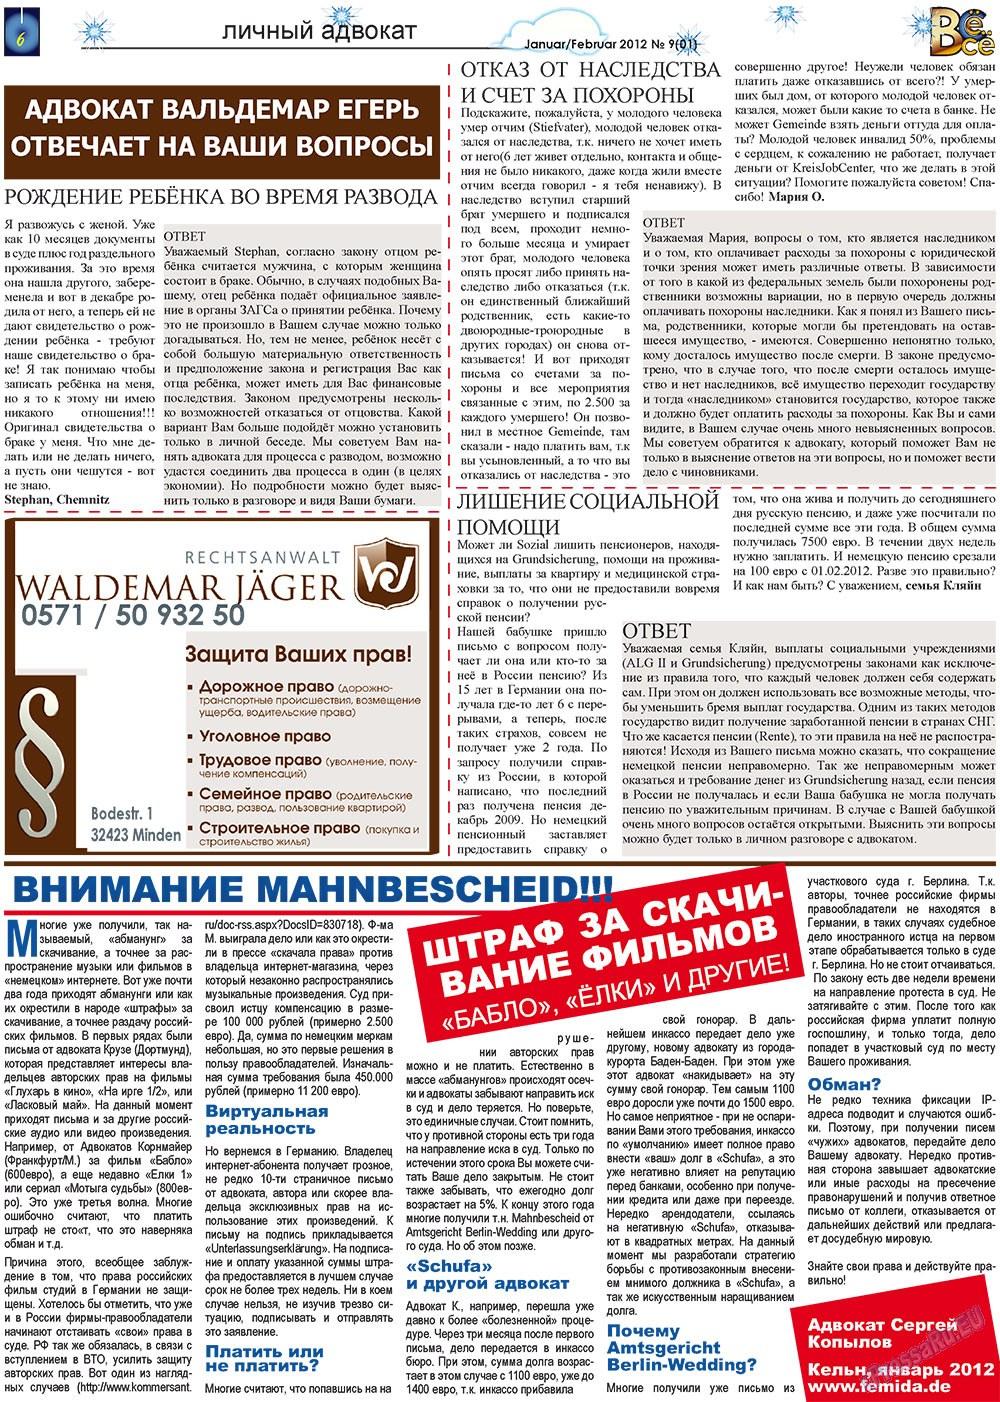 Все pro все (газета). 2012 год, номер 9, стр. 6